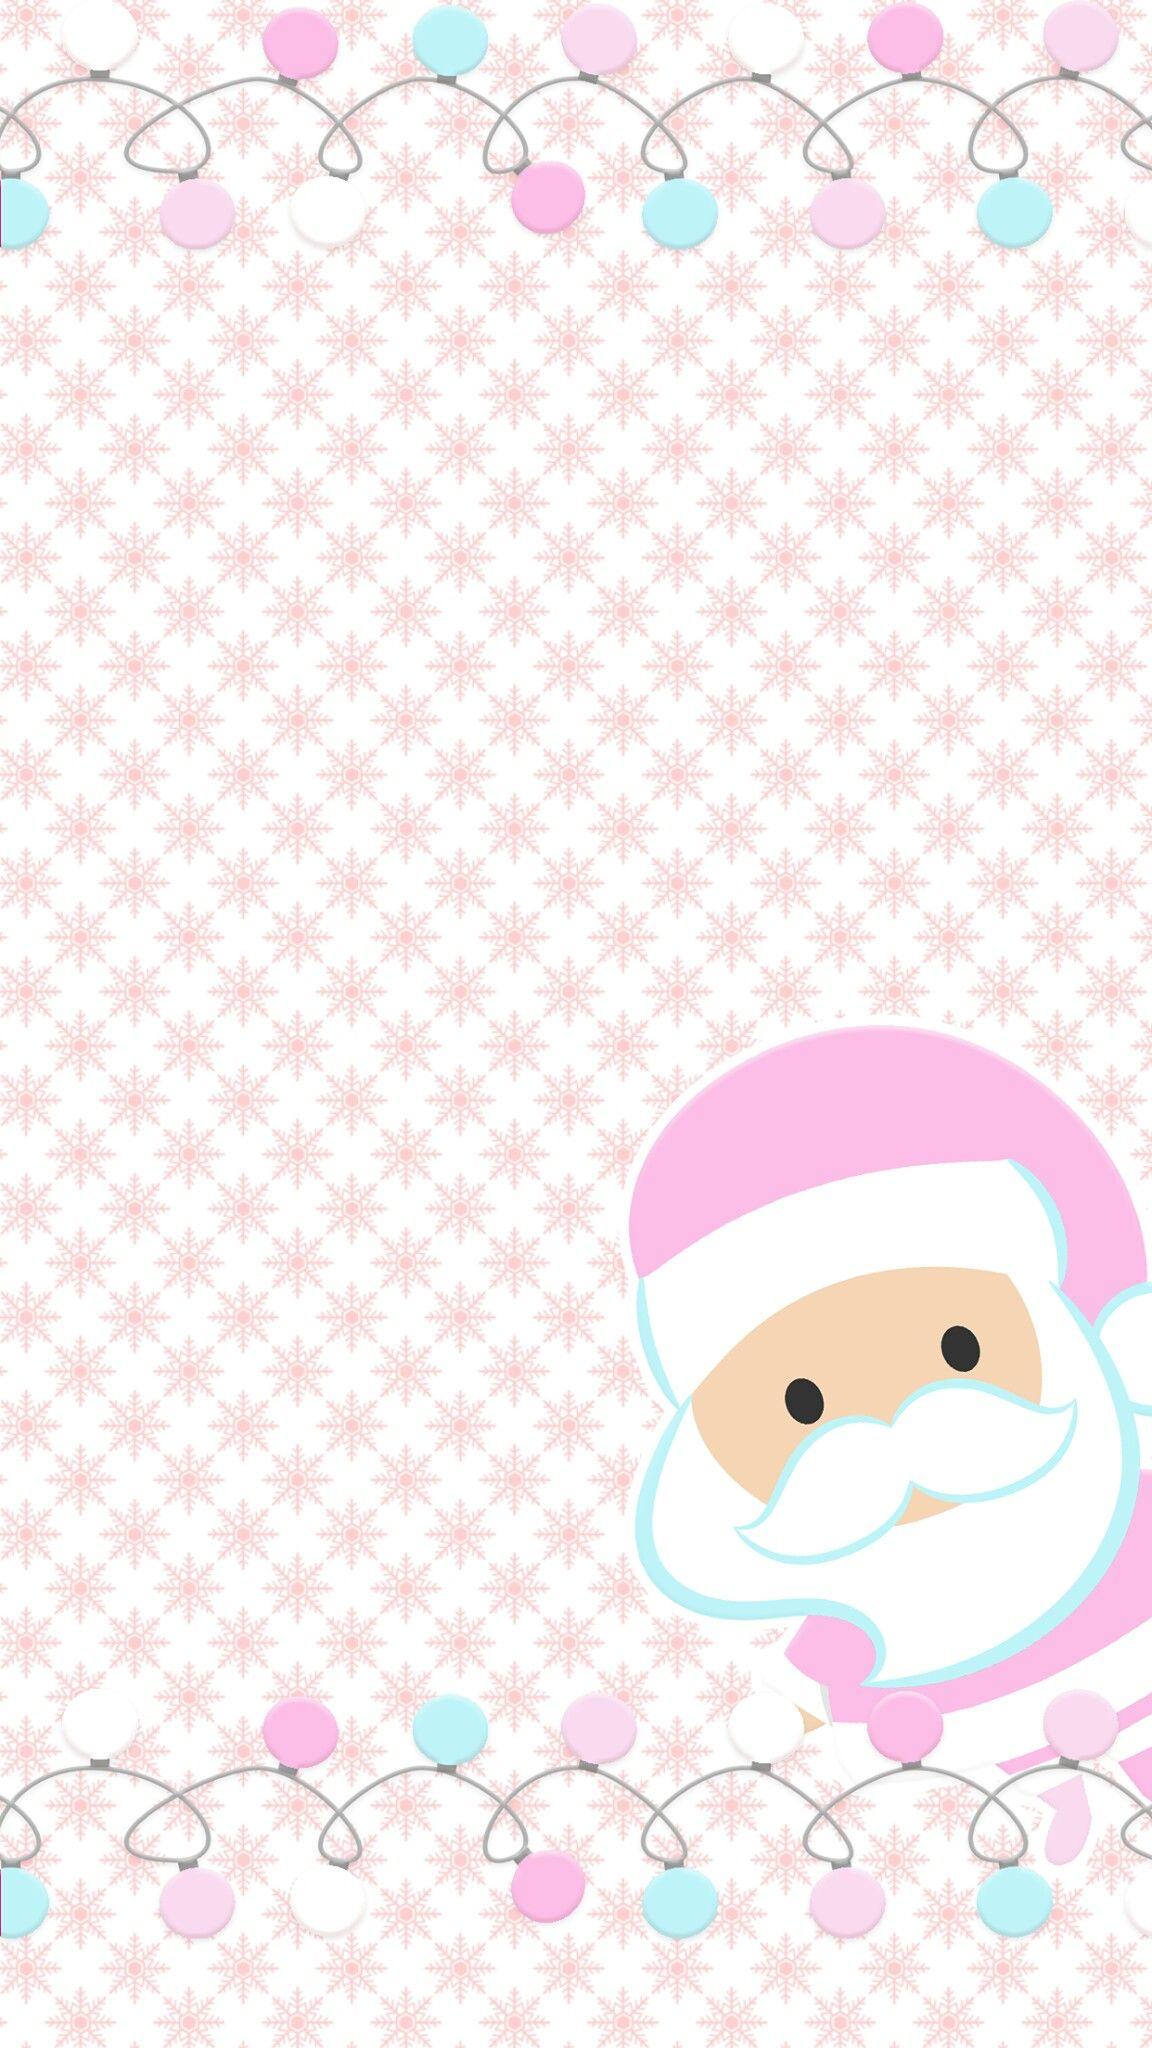 Epingle Par Roopa Sur Wallpaper Pinterest Ecran Et Noel